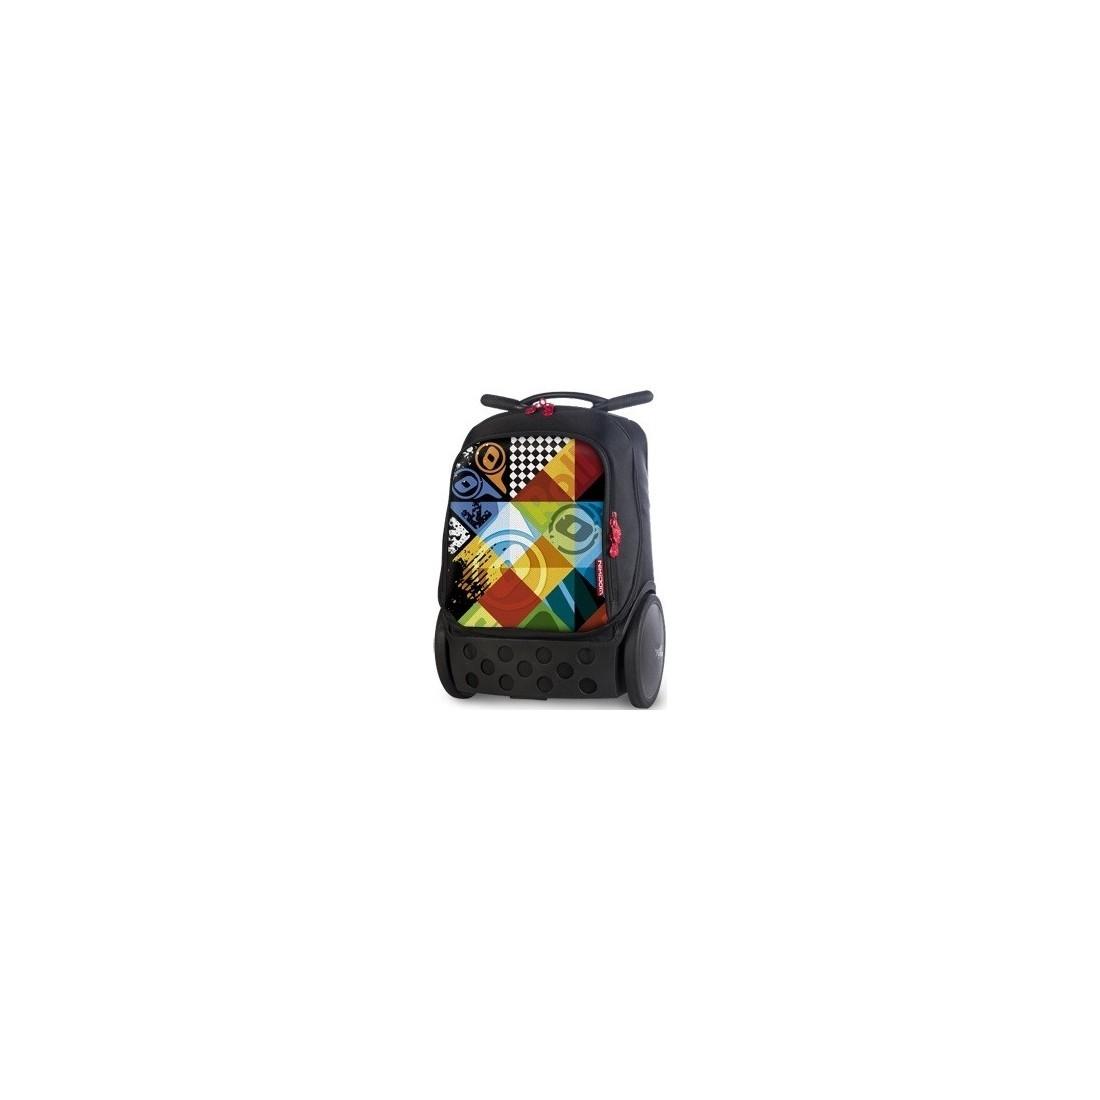 Plecak szkolny na kółkach bez szelek Roller Logomania dla chłopaka. - plecak-tornister.pl